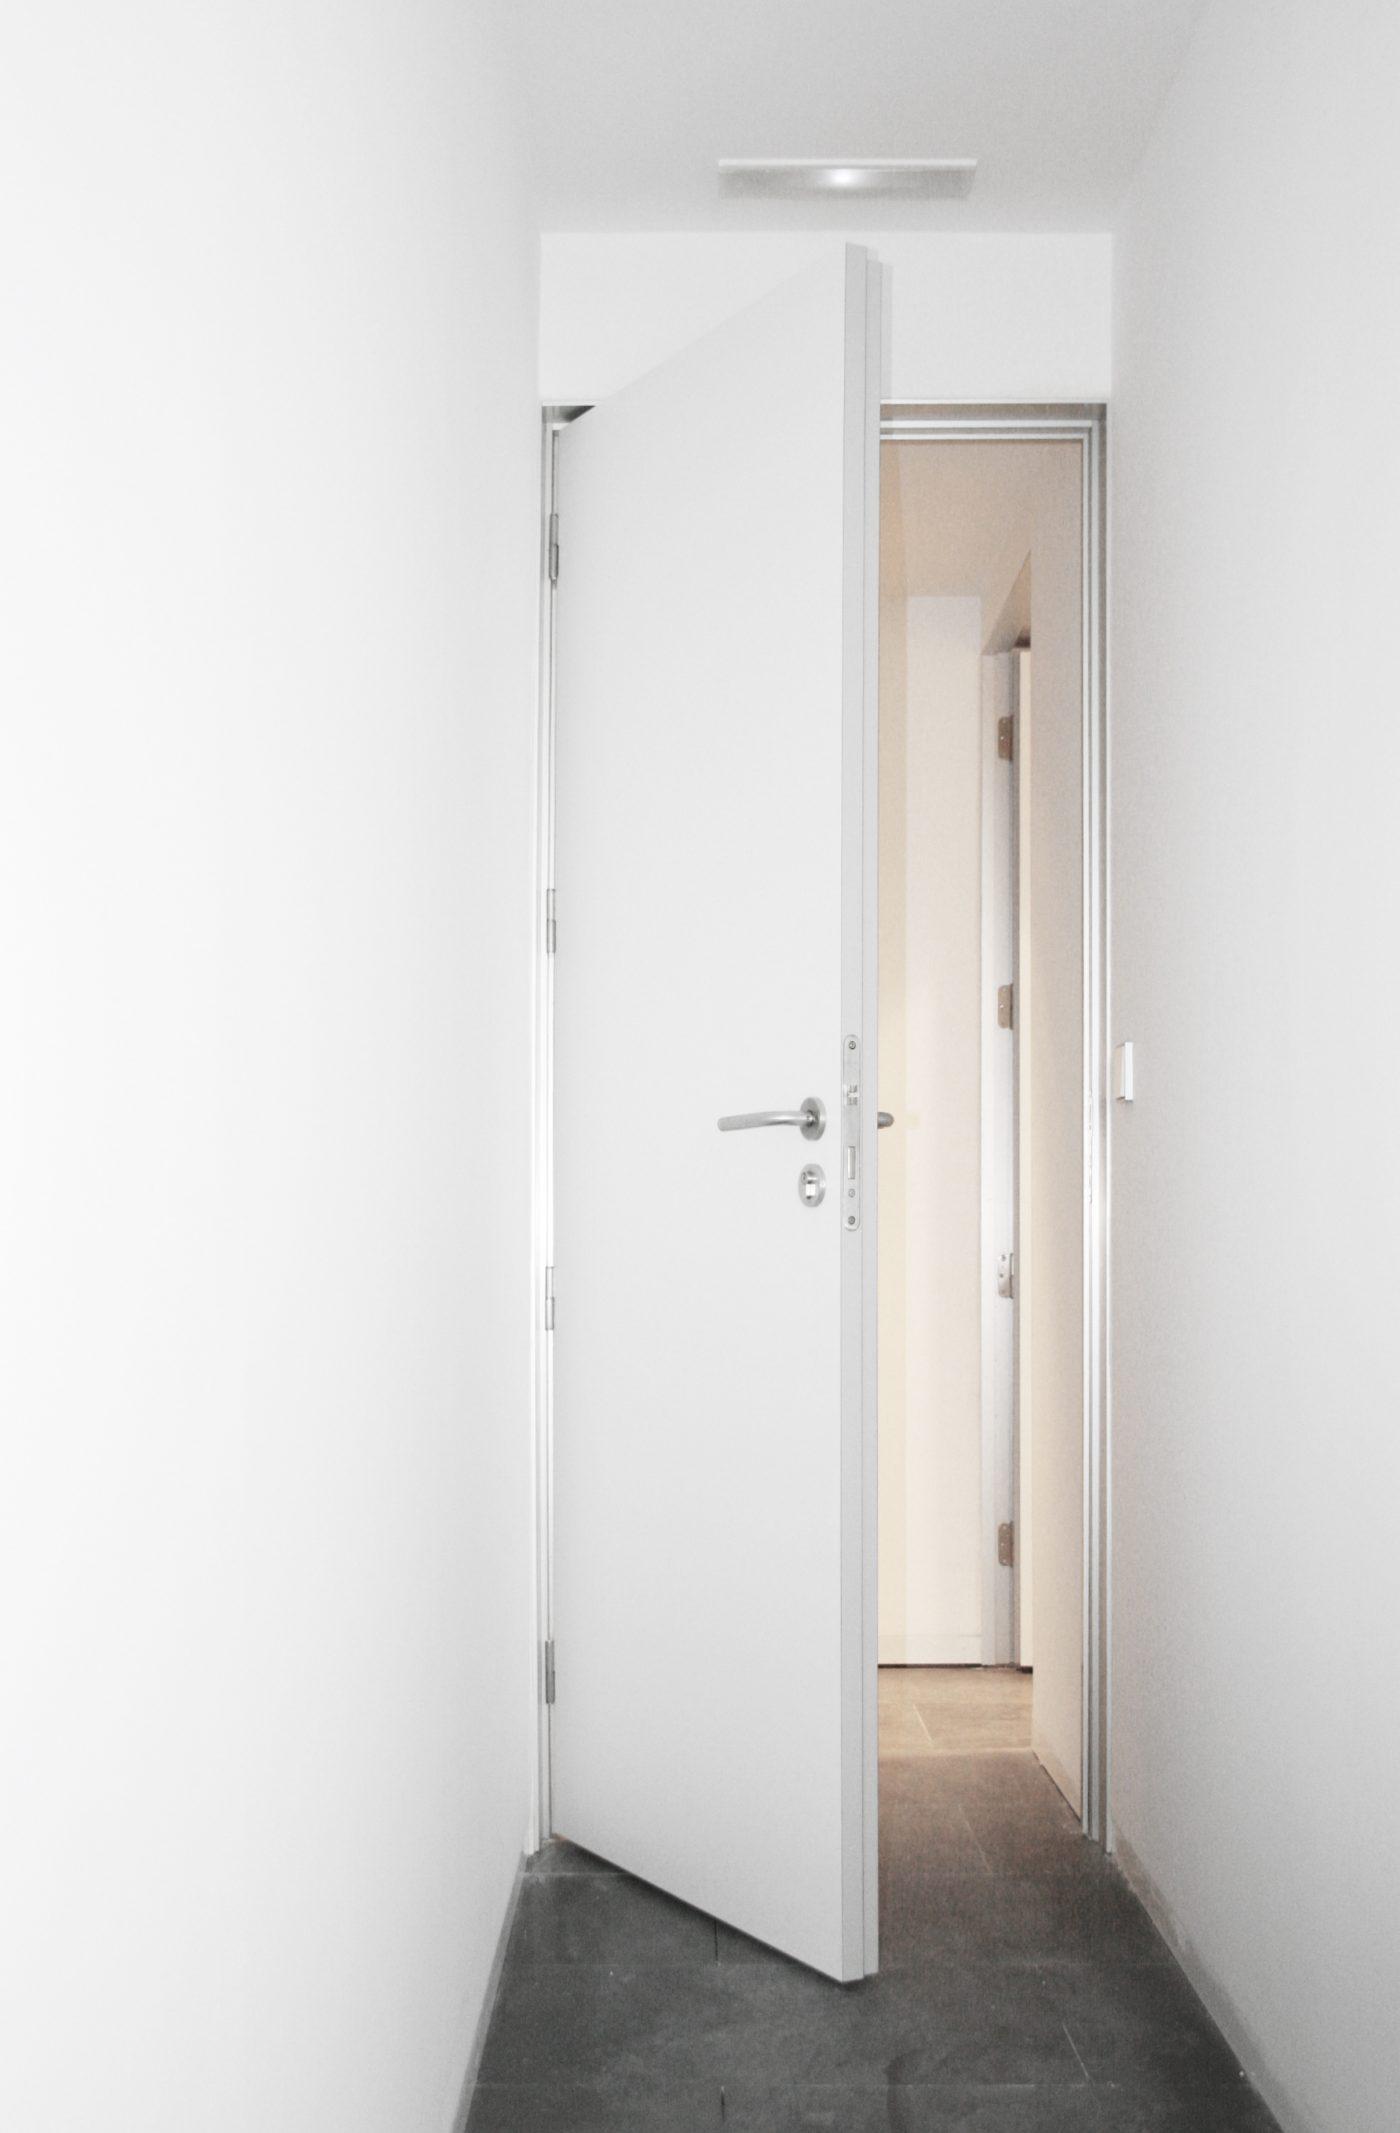 Puertas artevi lacadas en blanco puerta interio lacado - Puertas de interior lacadas en blanco precios ...